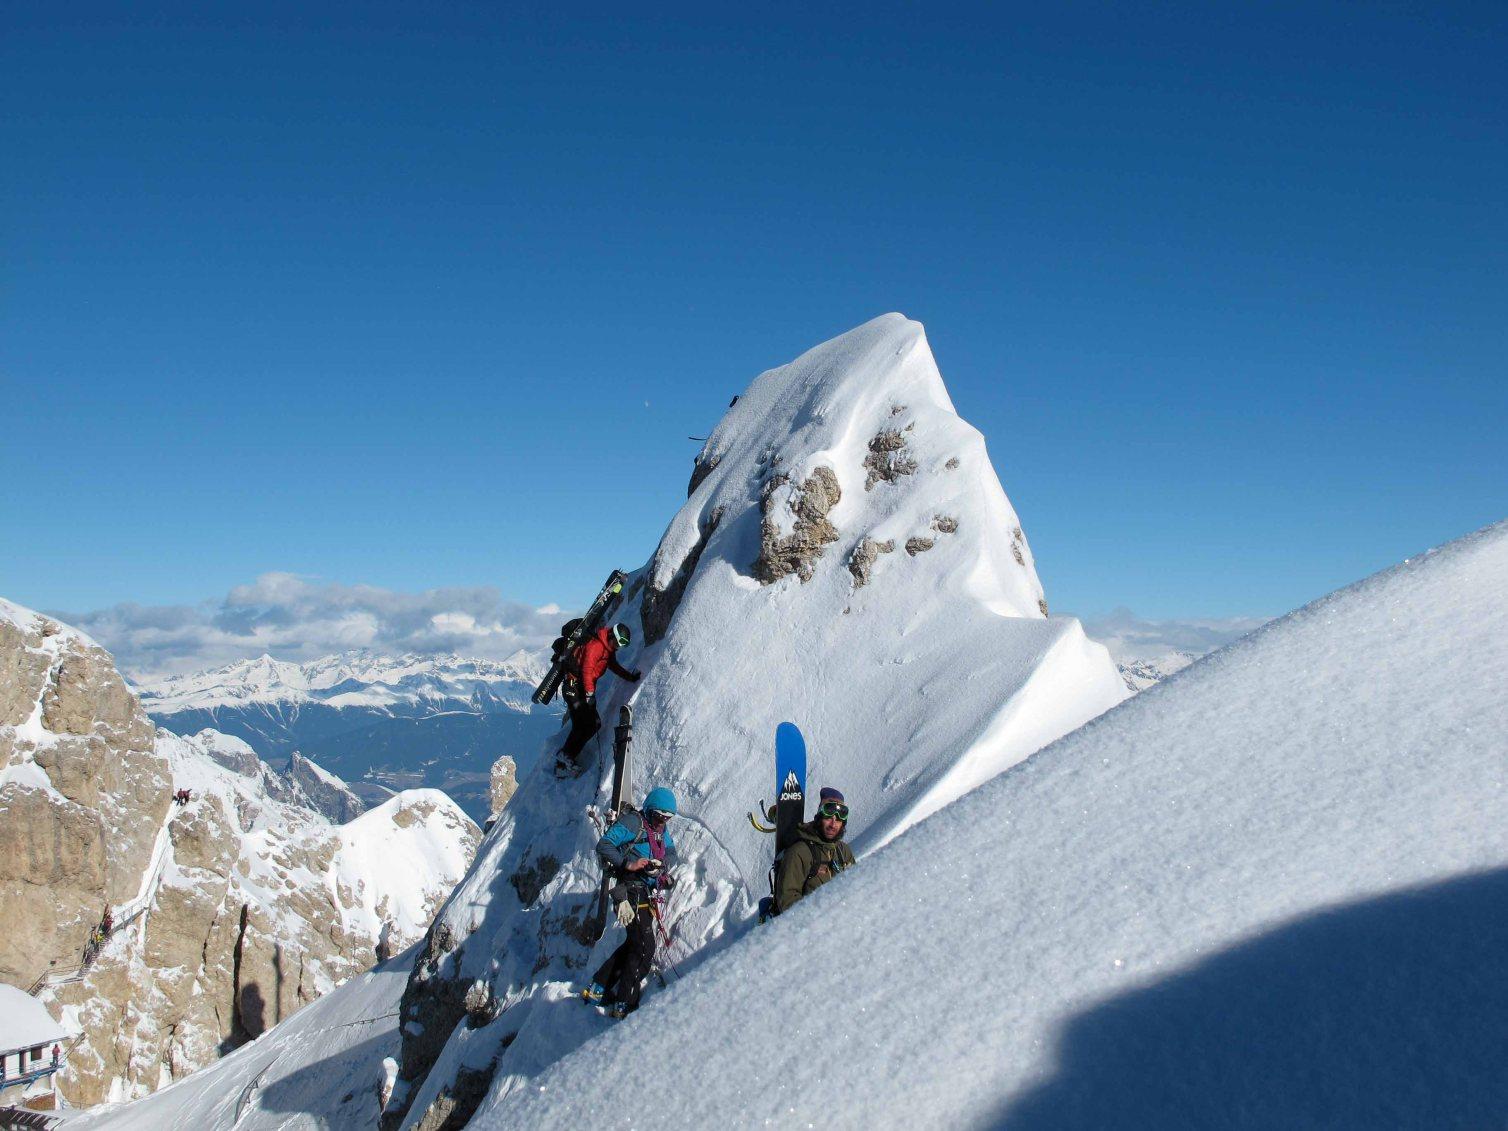 cristallo ridge on the ferrata marino bianchi to reach vallencant couloir